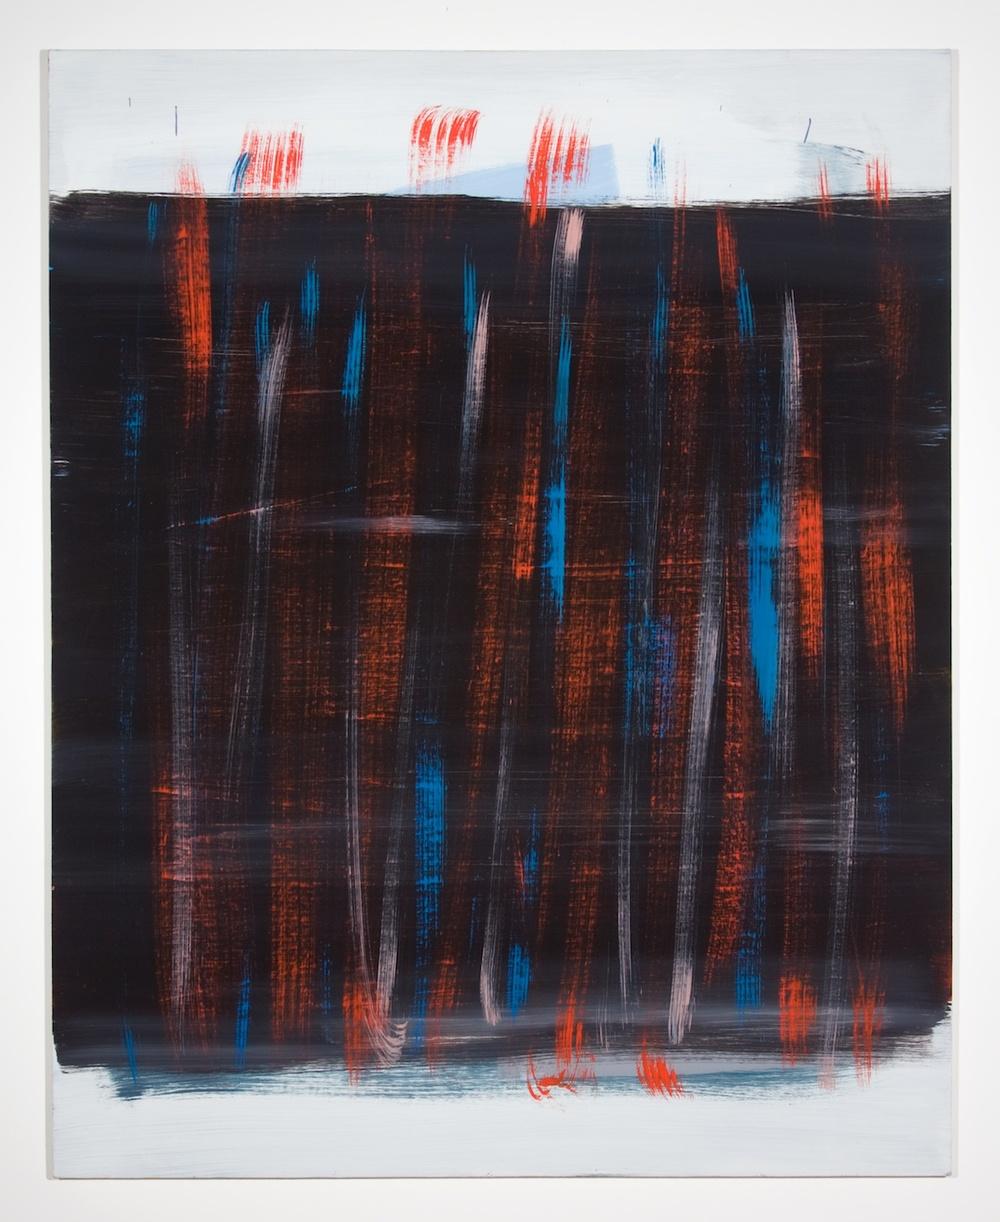 Jon Pestoni  All Ways  2010 Oil on canvas on panel 59 ½h x 47 ½w in JP033